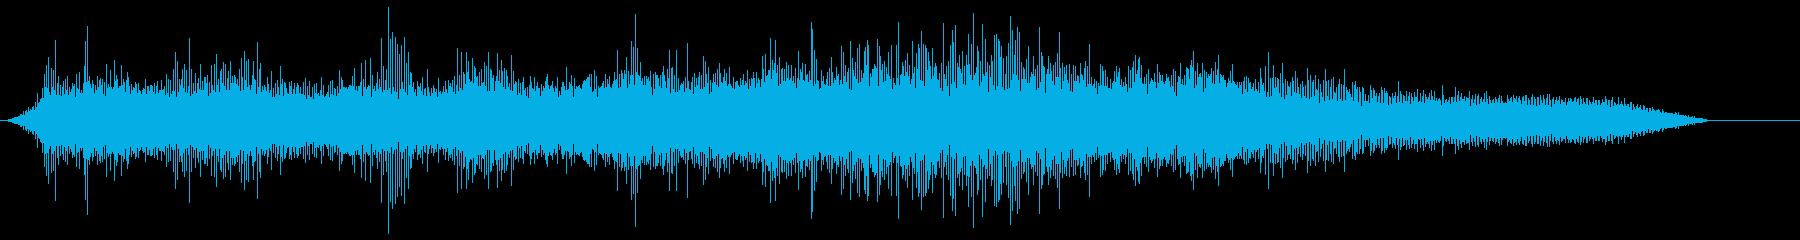 ベル206:INT:ホバリング、ラ...の再生済みの波形